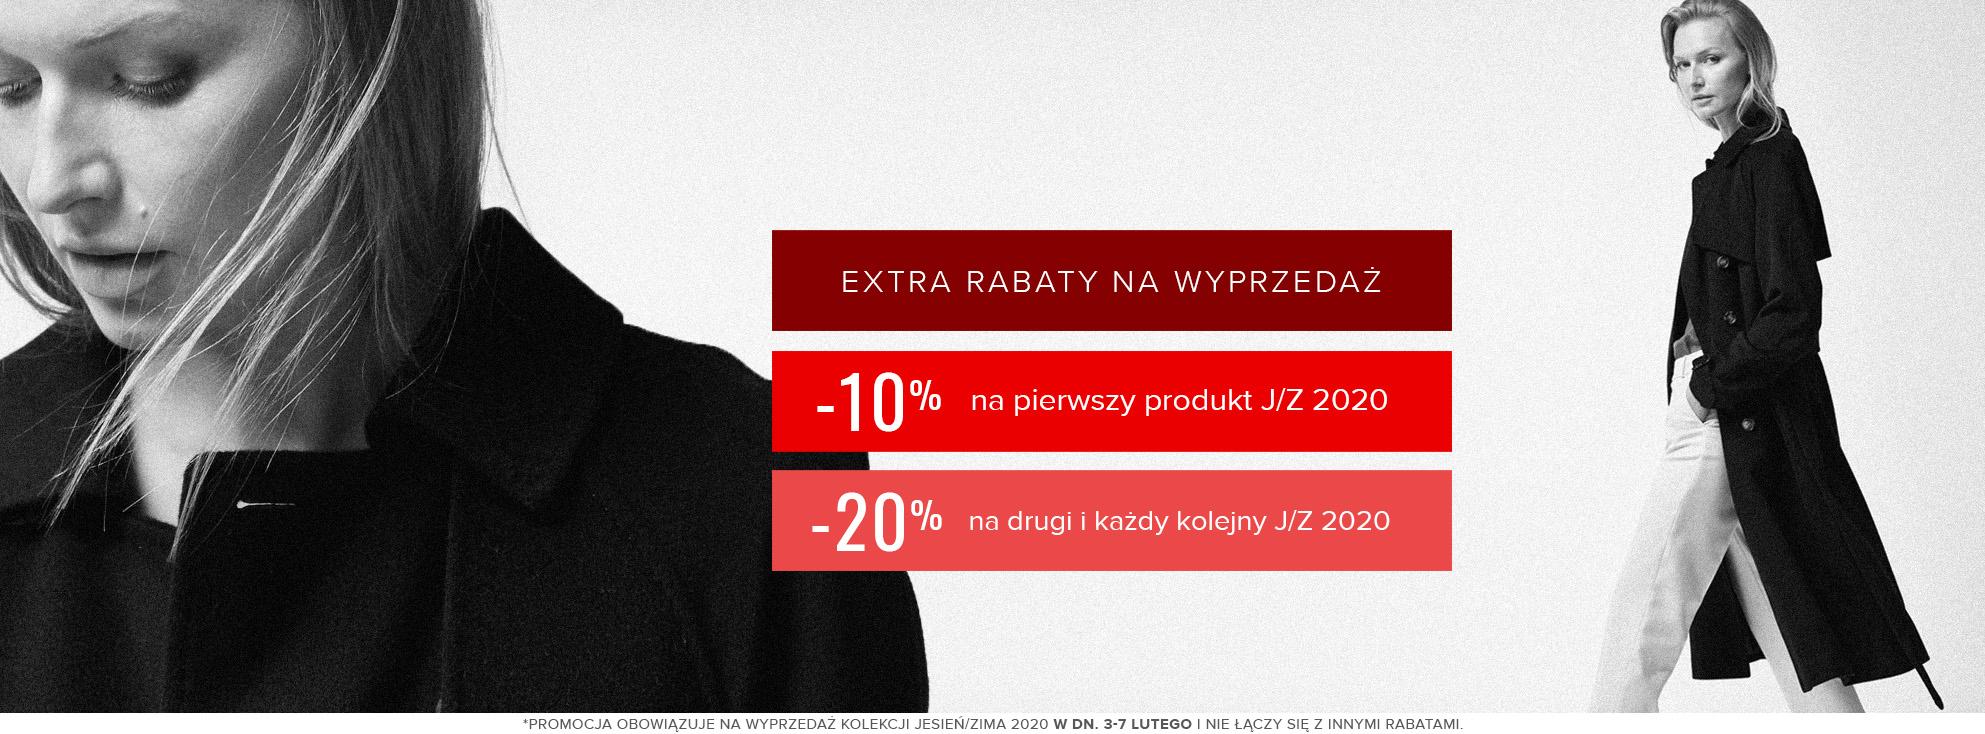 Patrizia Aryton Patrizia Aryton: 10% rabatu na 1 produkt, 20% zniżki na 2 i kolejny produkt z kolekcji Jesień-Zima z wyprzedaży